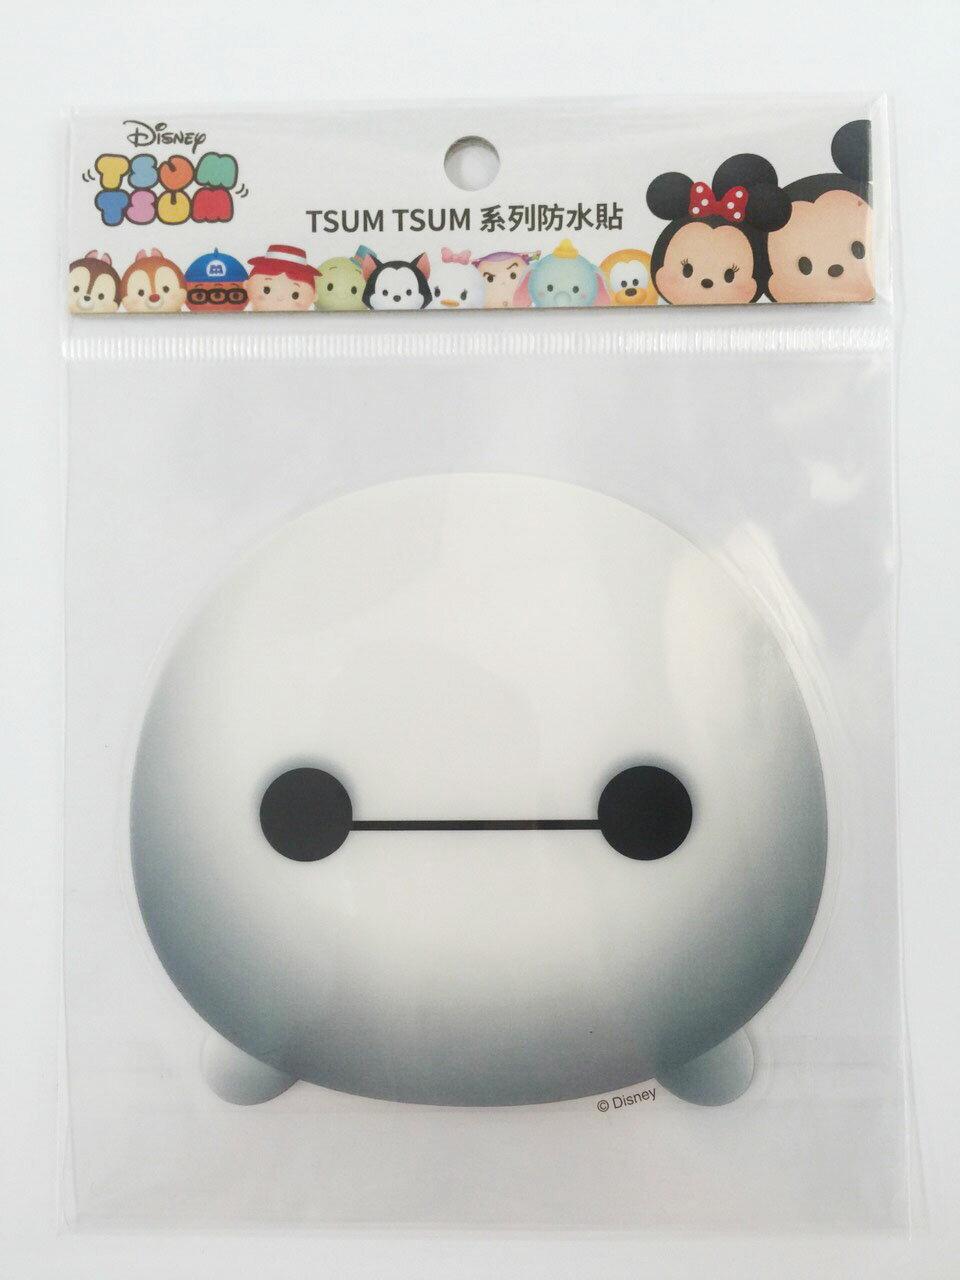 【真愛日本】16011200044  TSUM防水貼紙-杯麵  Baymax 大英雄天團 迪士尼 裝飾貼紙 PVC 貼紙